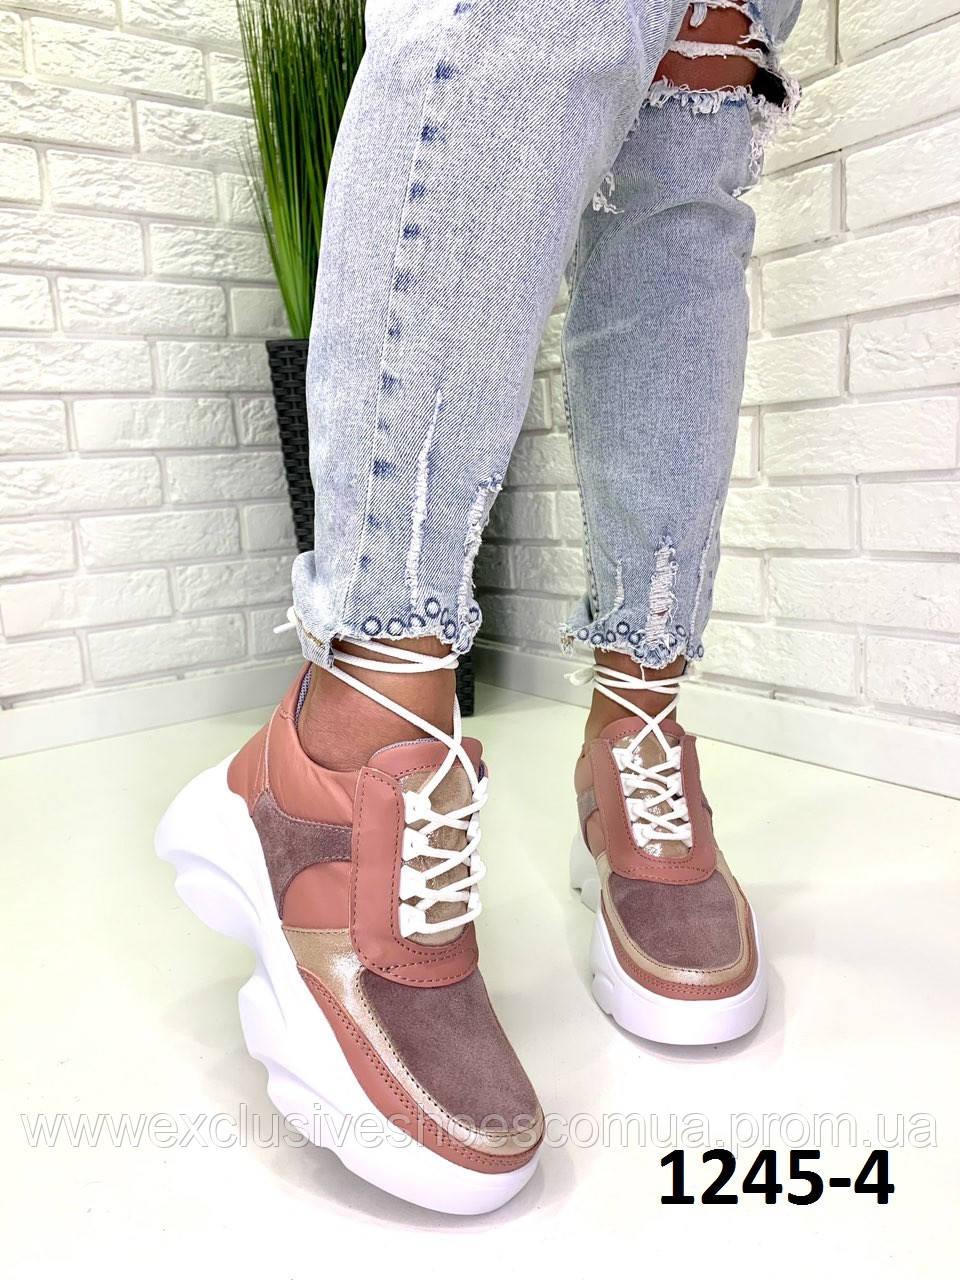 Кроссовки женские кожаные замшевые пудровые на платформе